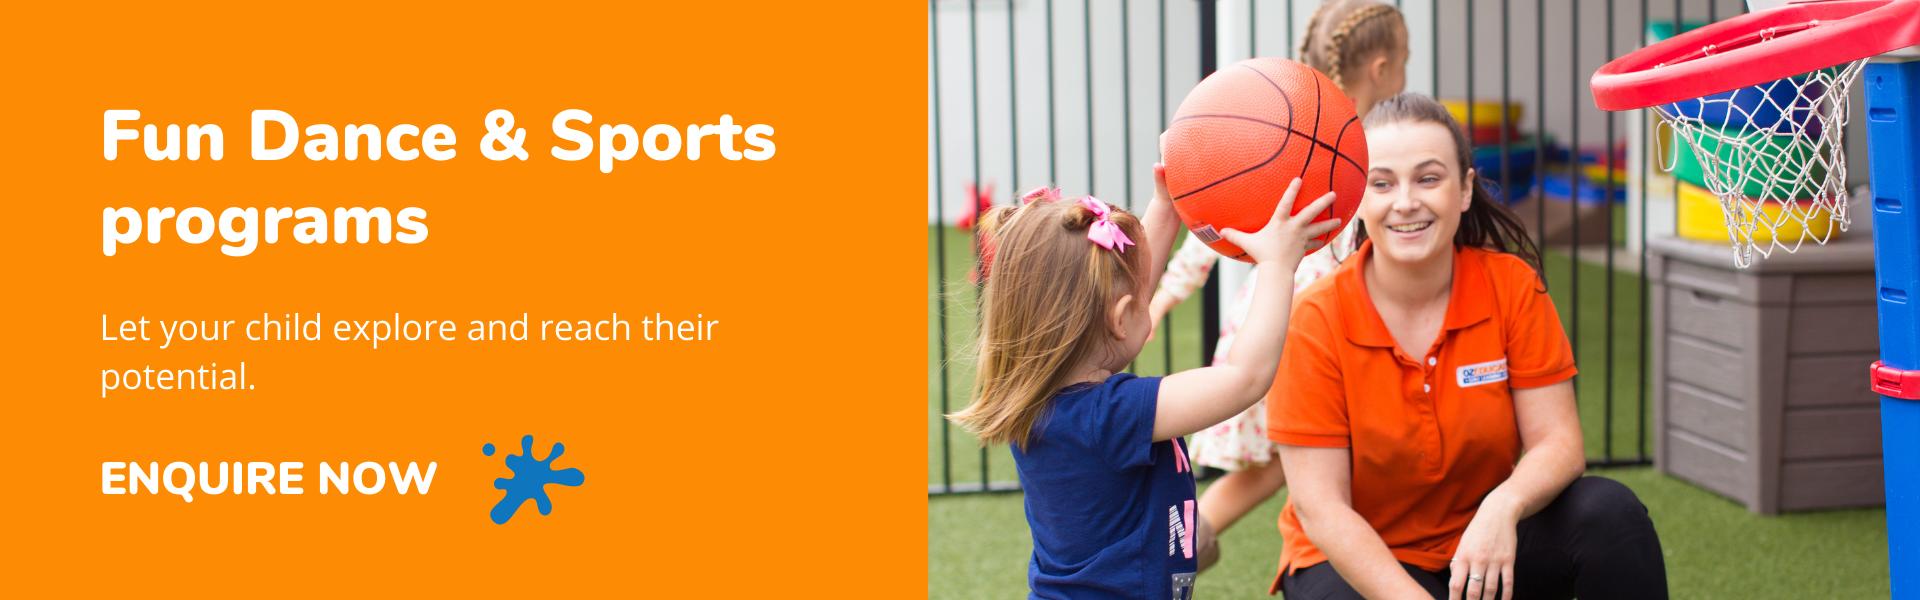 preschool-dance-sports-programs